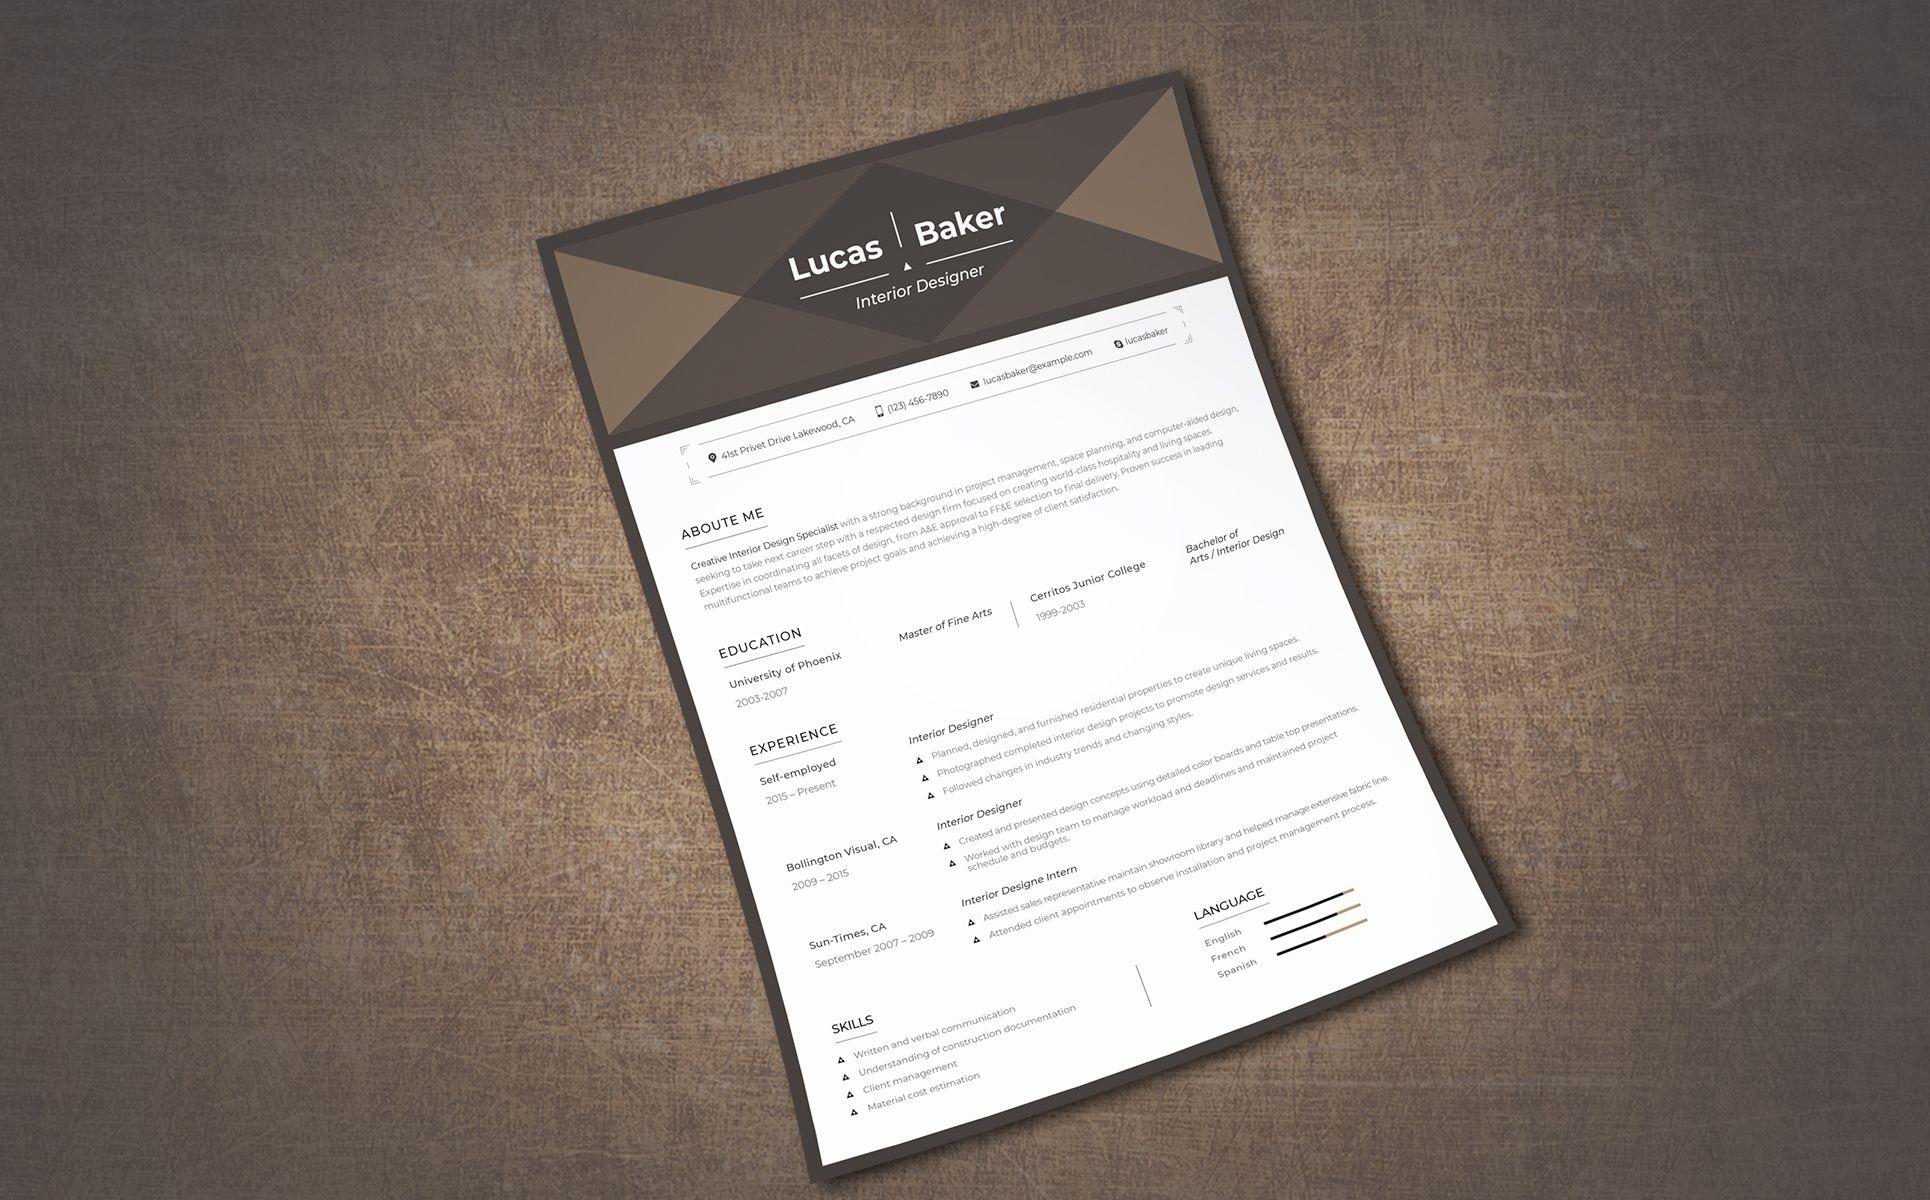 Lucas Baker Interior Designer Resume Template 68039 Resume